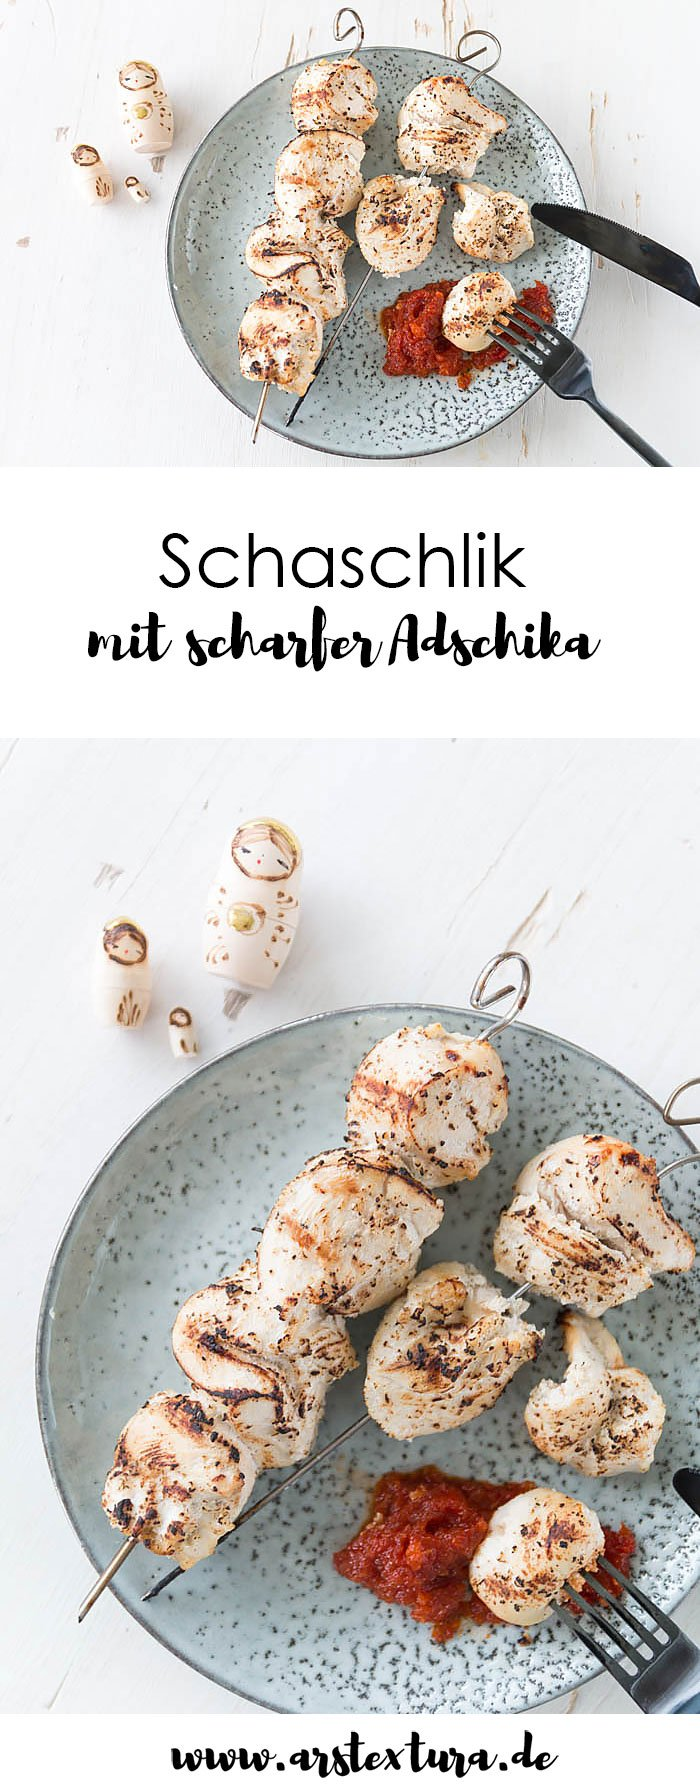 Schaschlik mit scharfer Adschika - das perfekte Grillrezept für die WM in Russland - Grillen auf Russische Art | ars textura - DIY Blog